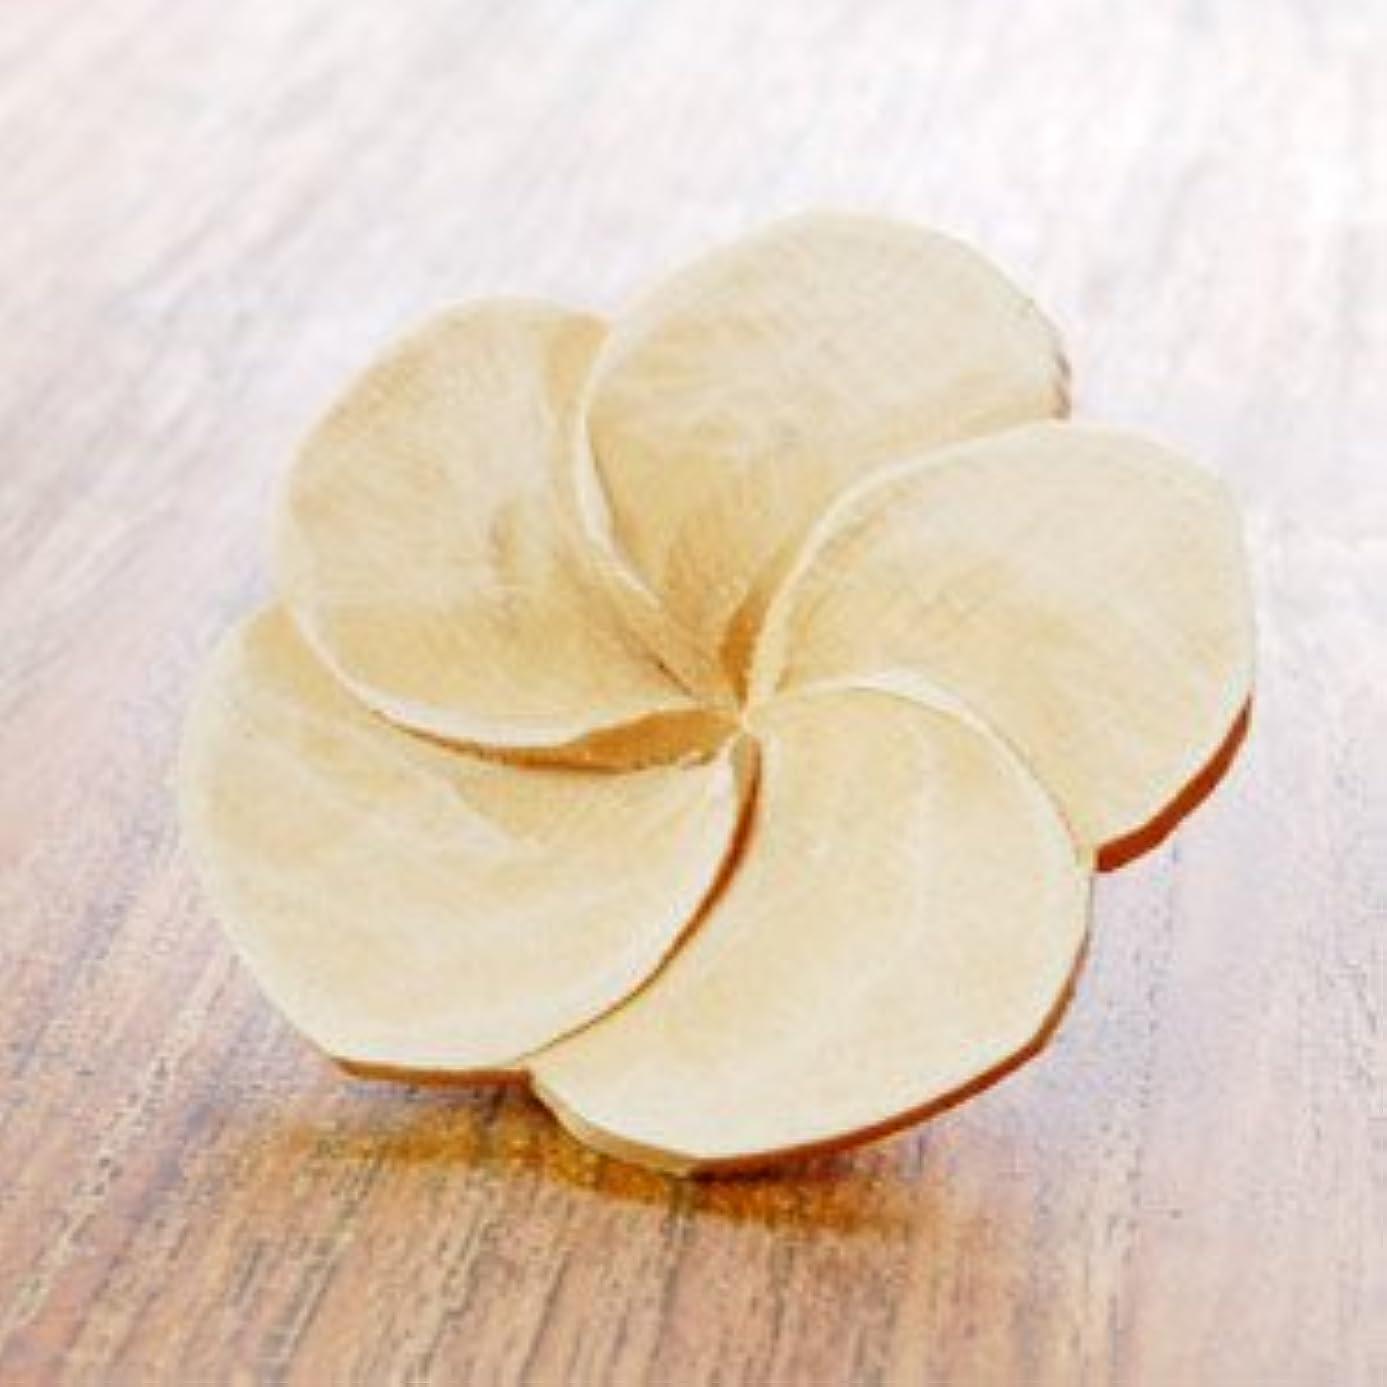 反対に彼らのものカーフ【アジア工房】プルメリアの花びらをモチーフにした木製アロマフラワー[Aタイプ][10891] [並行輸入品]